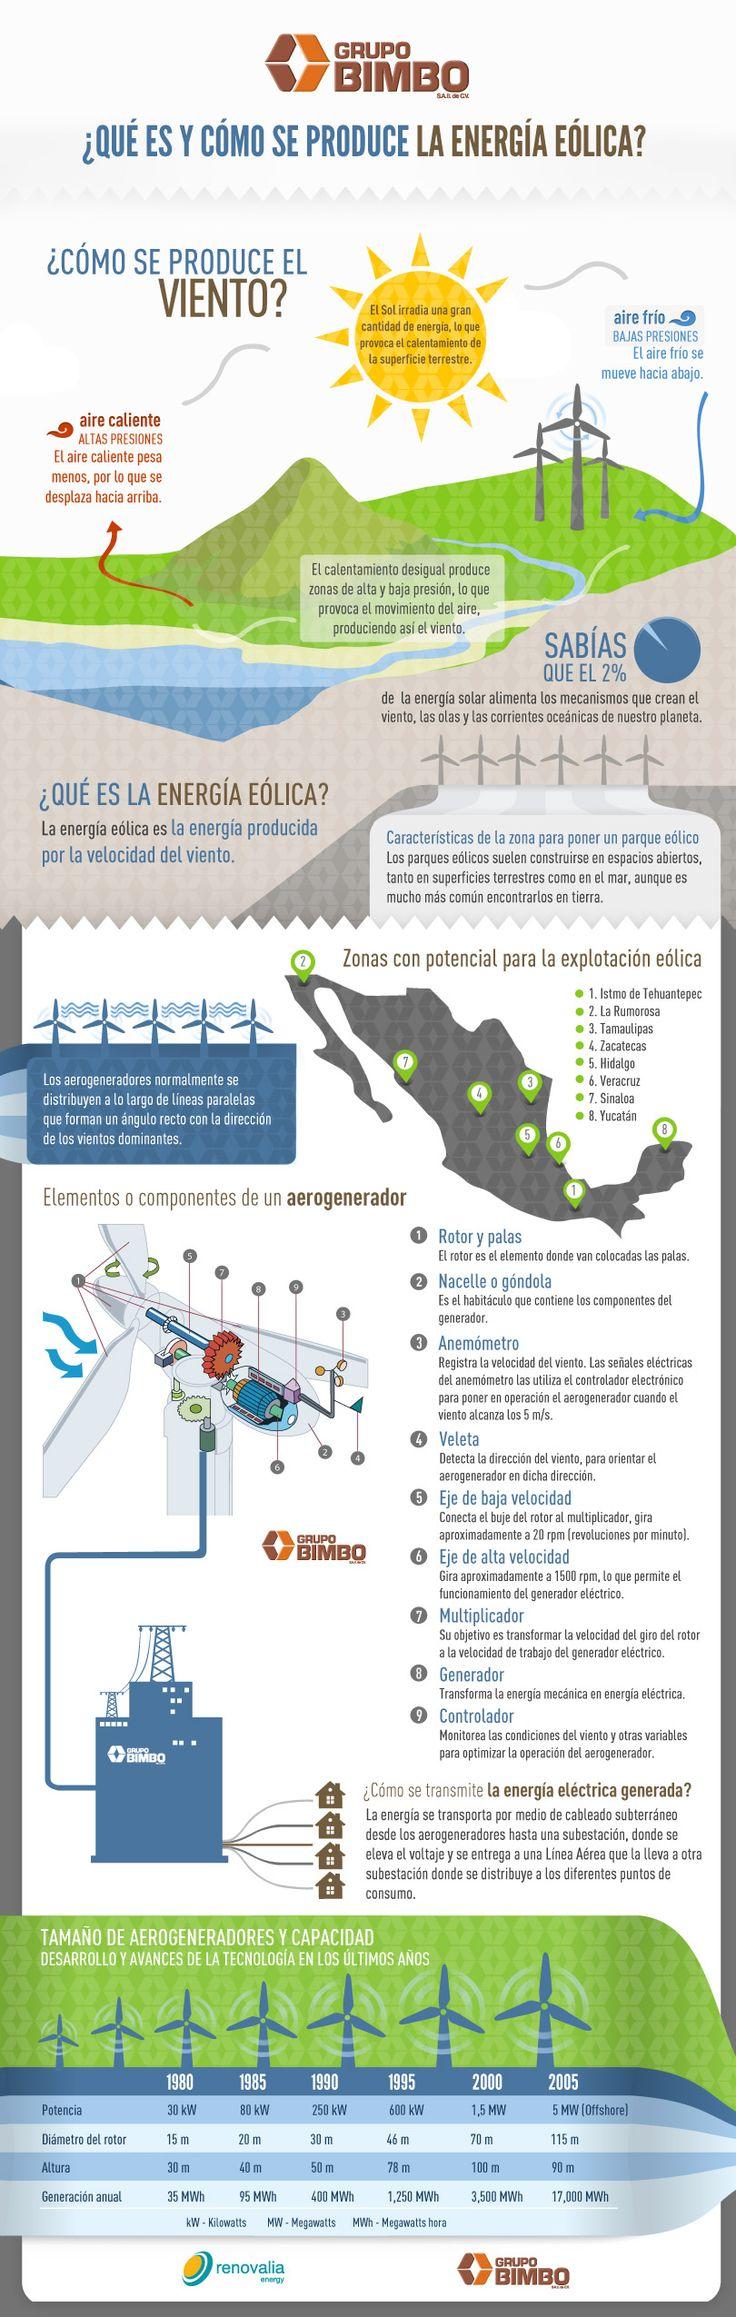 Qué es y cómo se produce la energía eólica #infografia #infographic #medioambiente